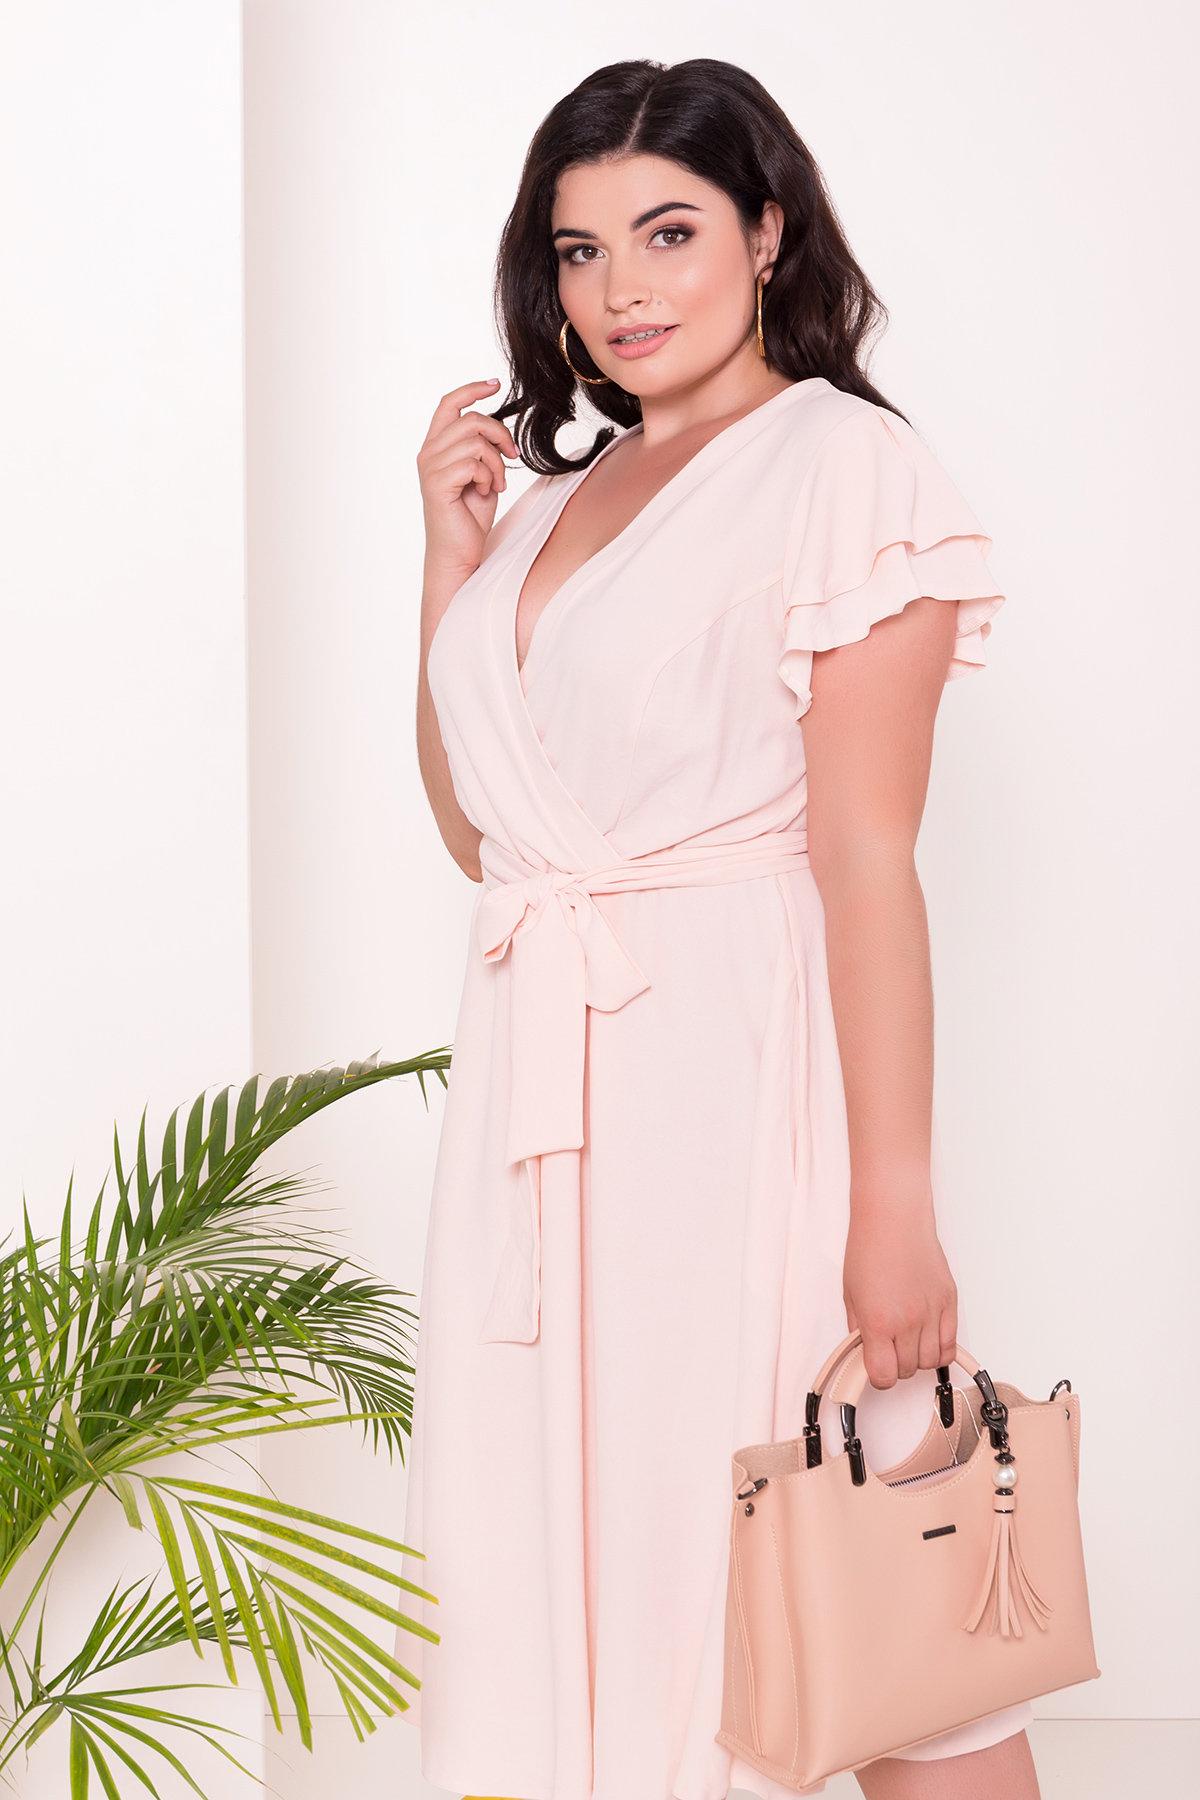 Платье Аделиса DONNA 7355 АРТ. 43074 Цвет: Пудра - фото 3, интернет магазин tm-modus.ru